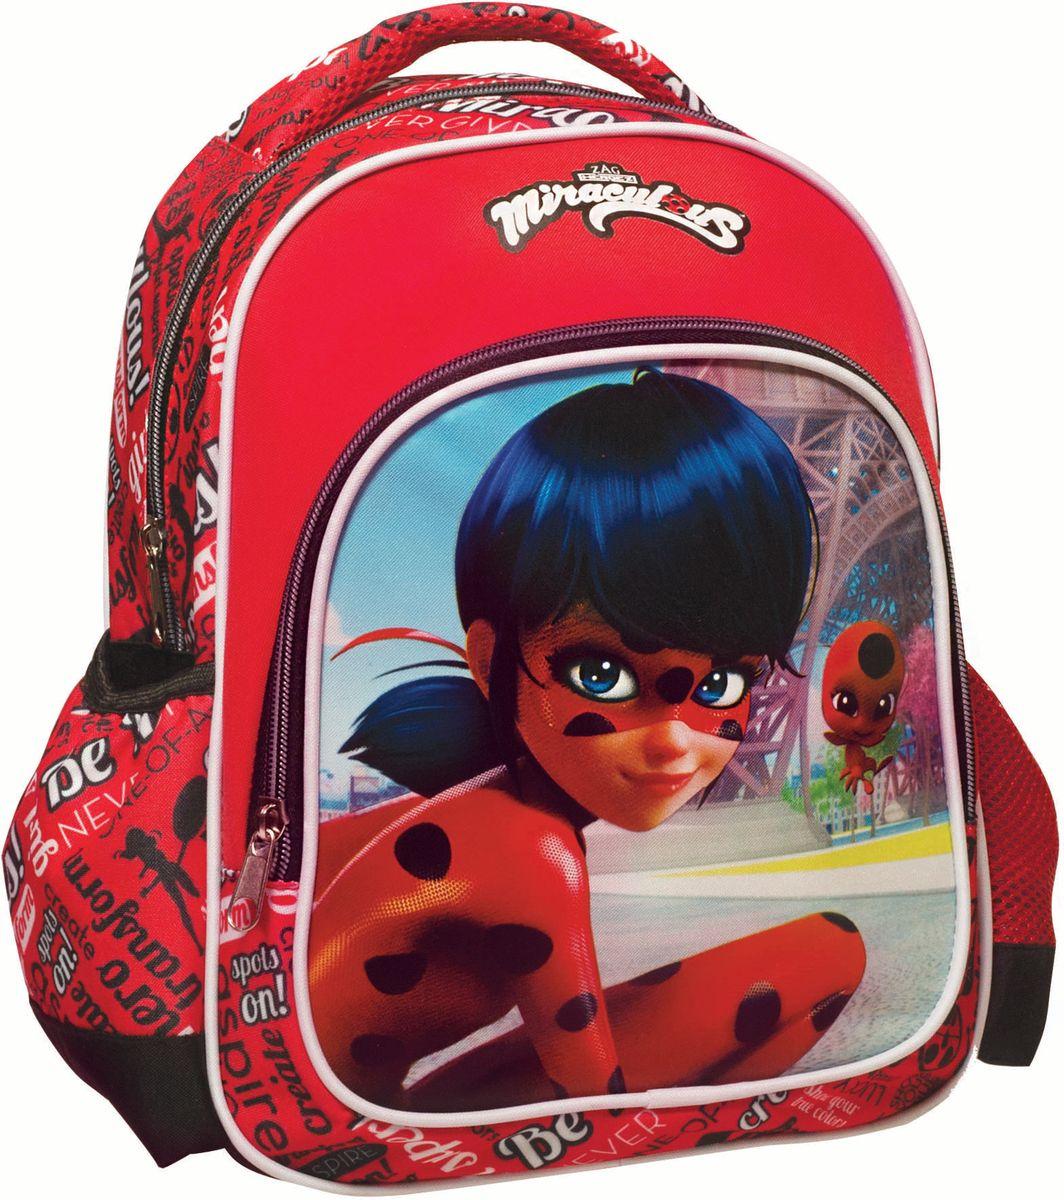 862713949d Bagz Τσάντα Νηπιαγωγείου Ladybug Paris Gim 346-01054